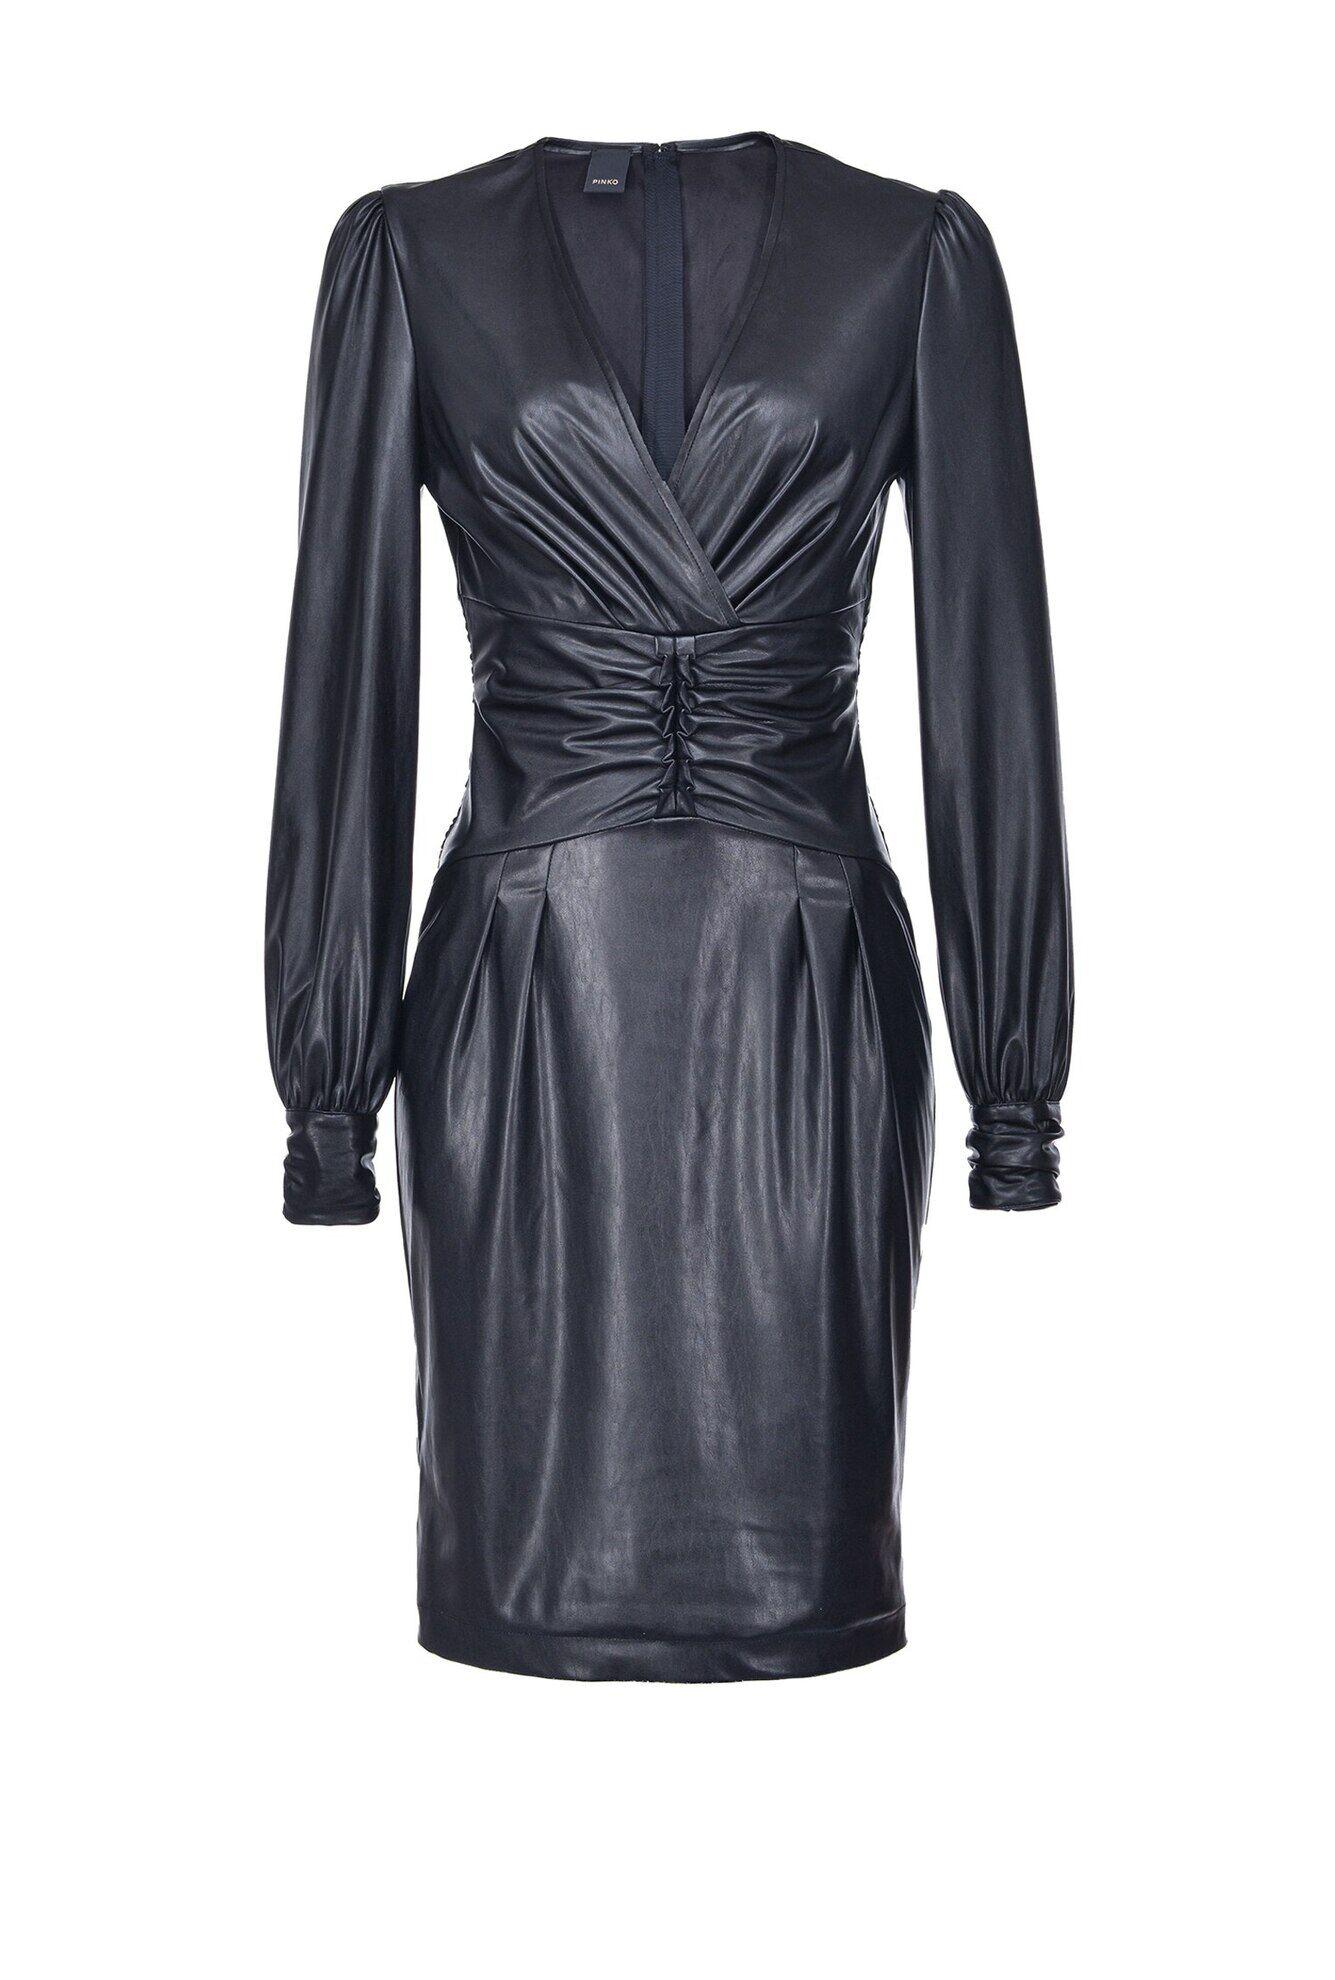 Leather Effect Longuette Dress - Pinko